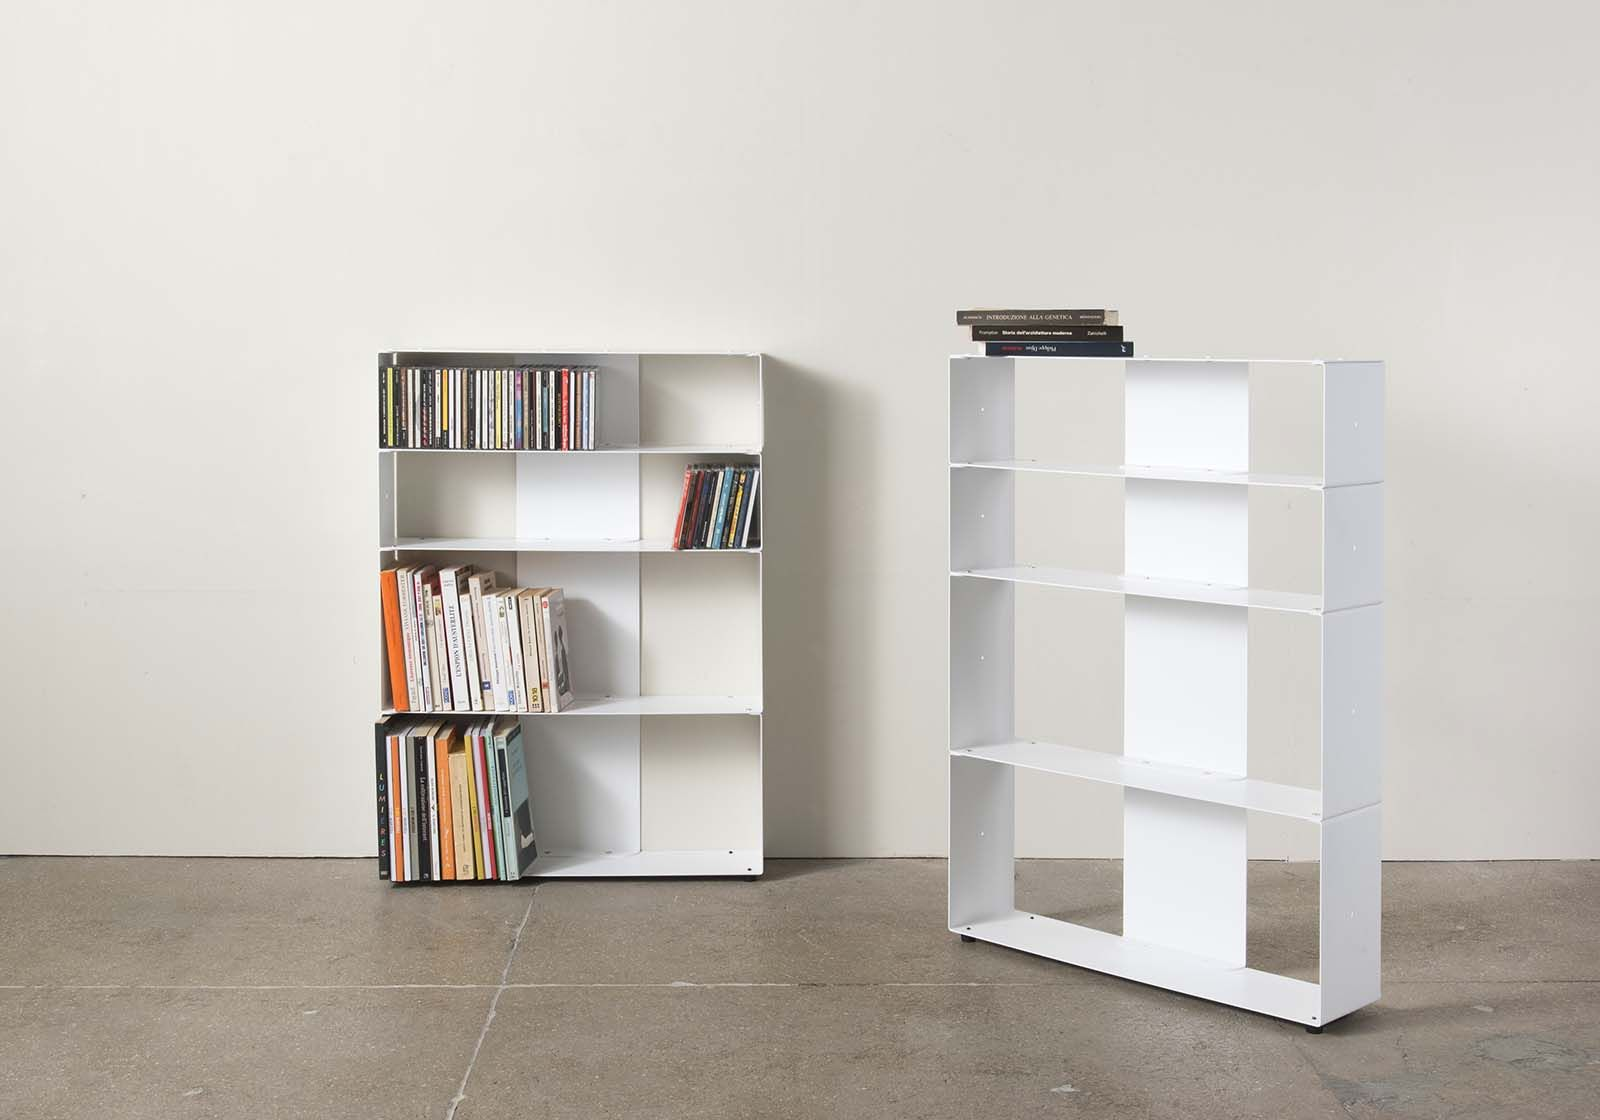 Libreria Profondità 15 Cm libreria di design per libri & cds l60 h80 p15 cm - 4 livelli